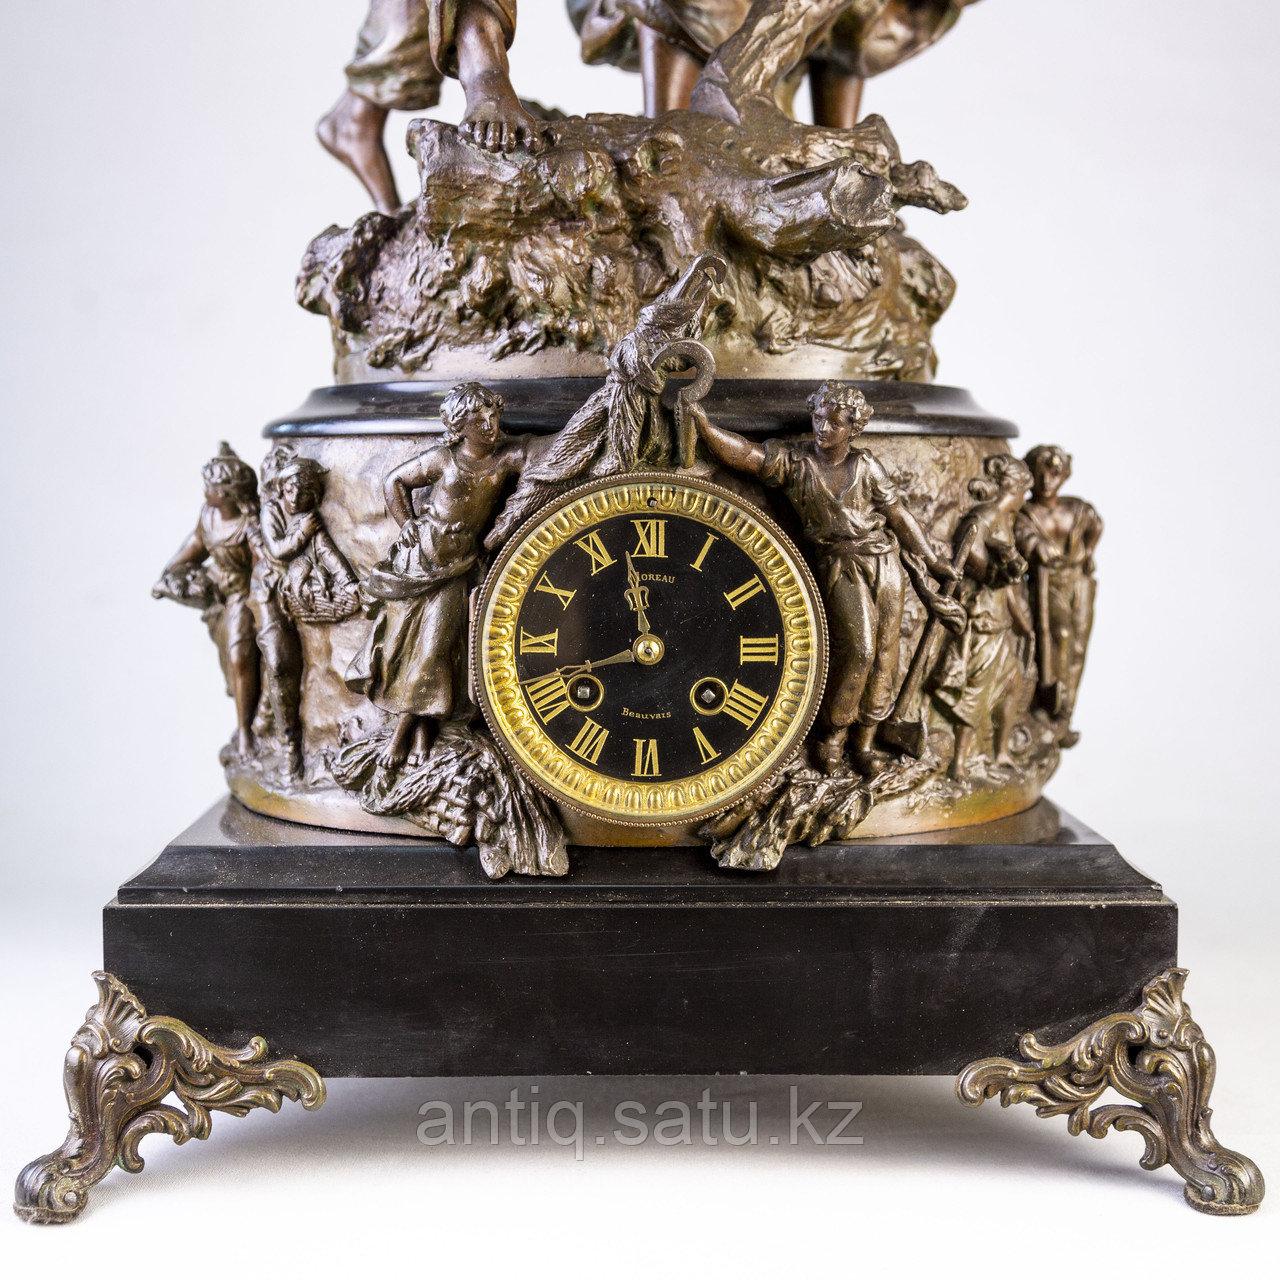 Часы в стиле Наполеона III. Скульптор Hippolyte Moreau Часовая мастерская S. Marti & Cie - фото 6